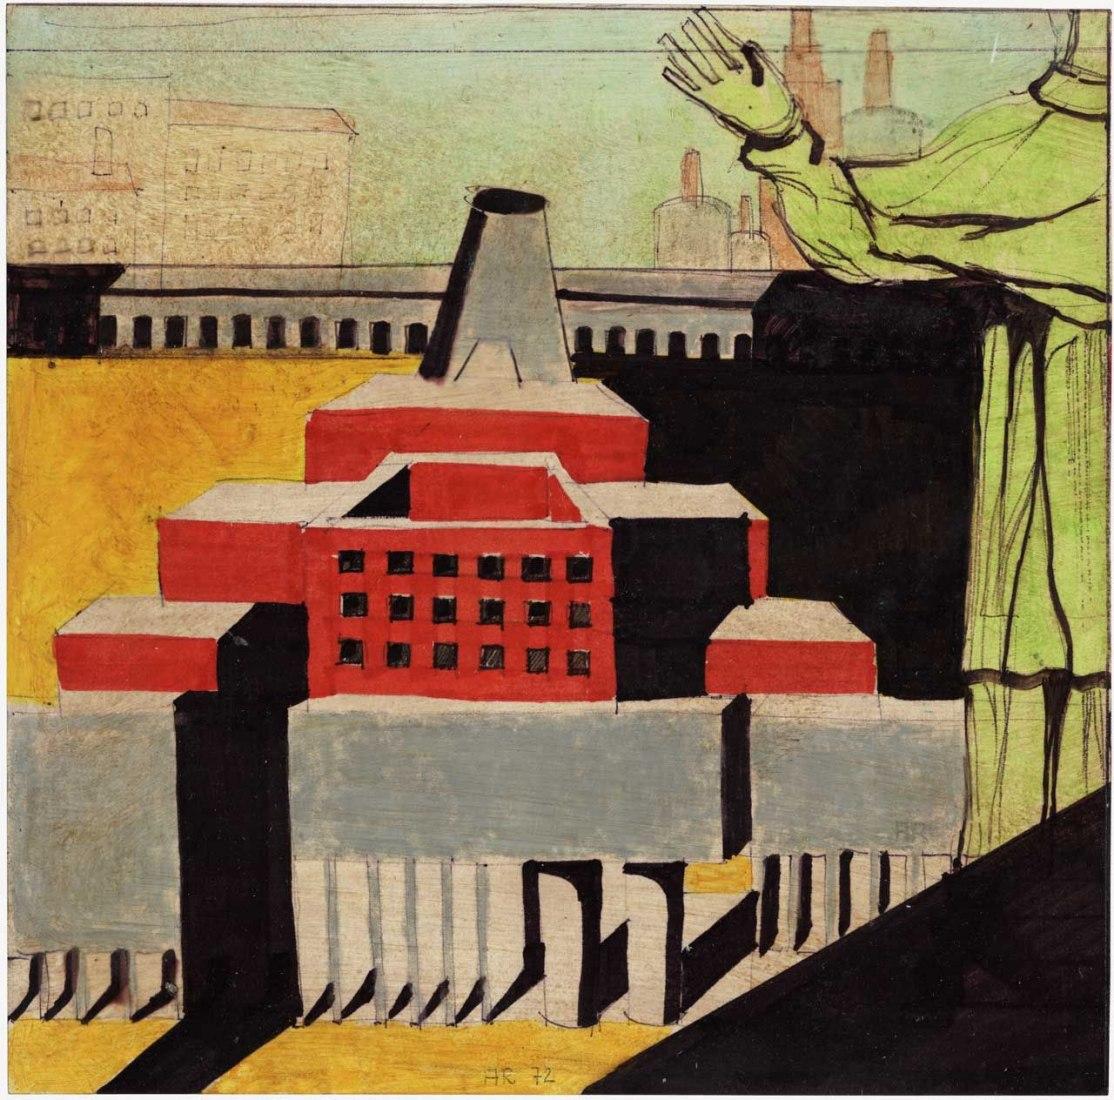 Aldo Rossi: Arquitectura con santo. Imagen cortesía de MAXXI.